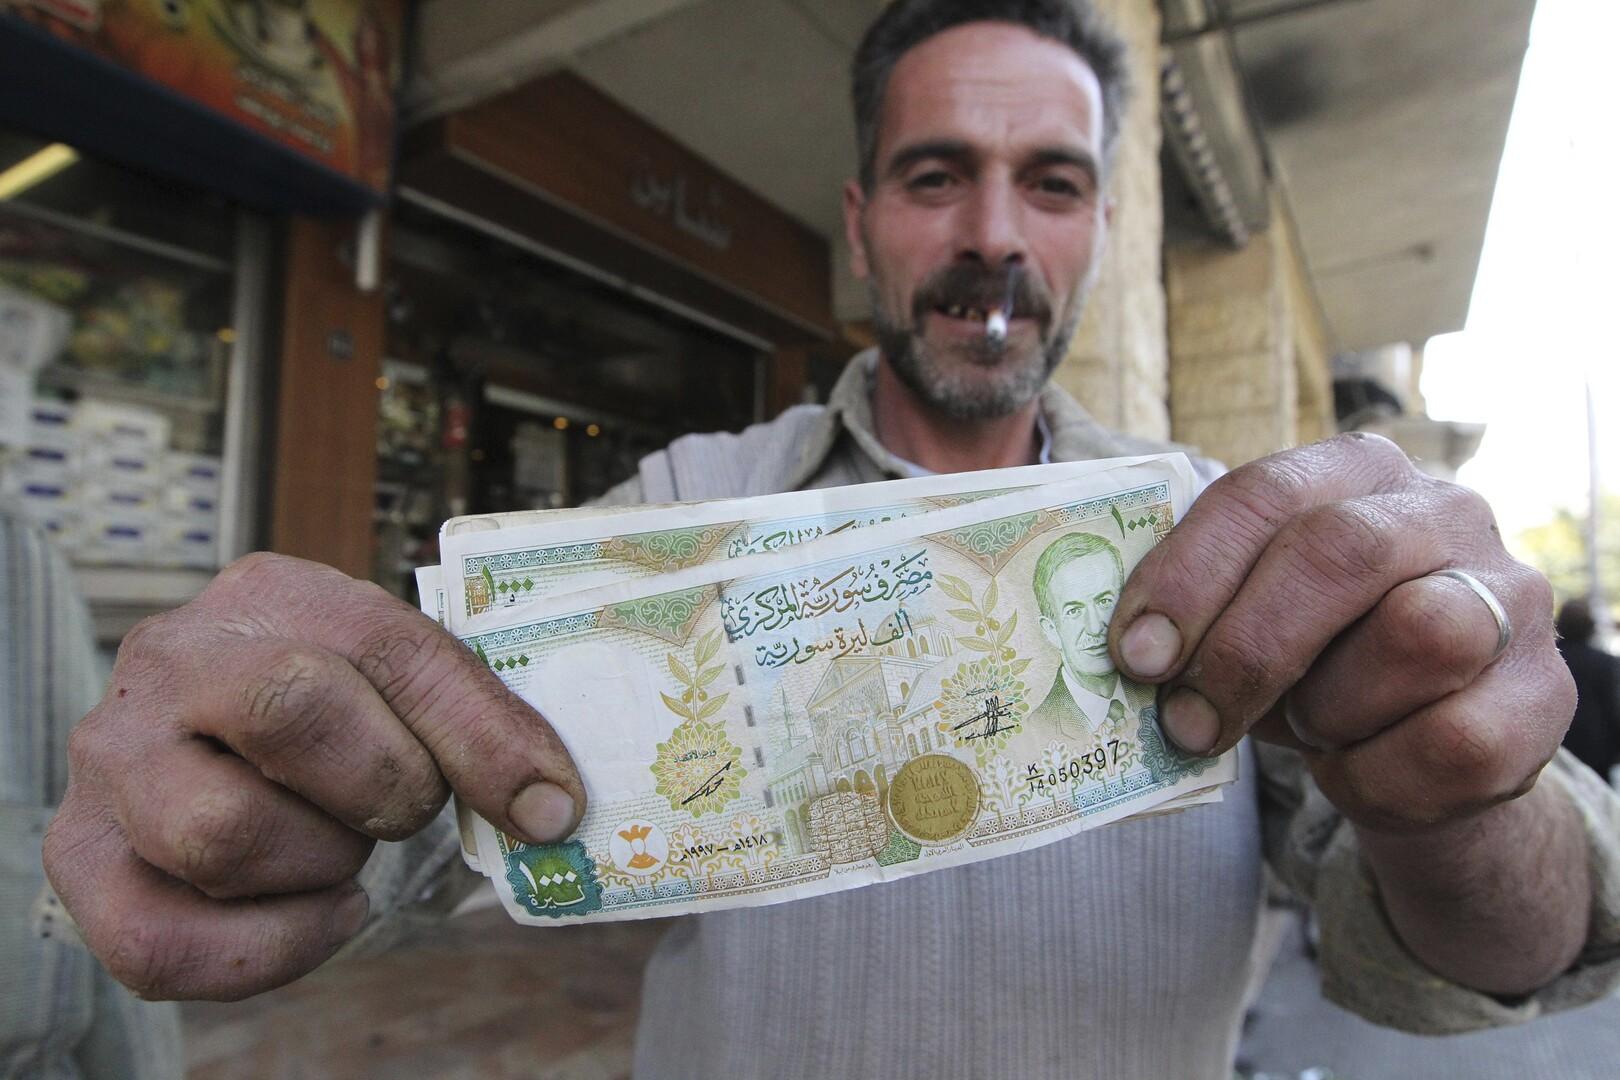 بعد انهيار العملة السورية.. خبير يقترح حلا يعود للثمانينات لدعم الليرة